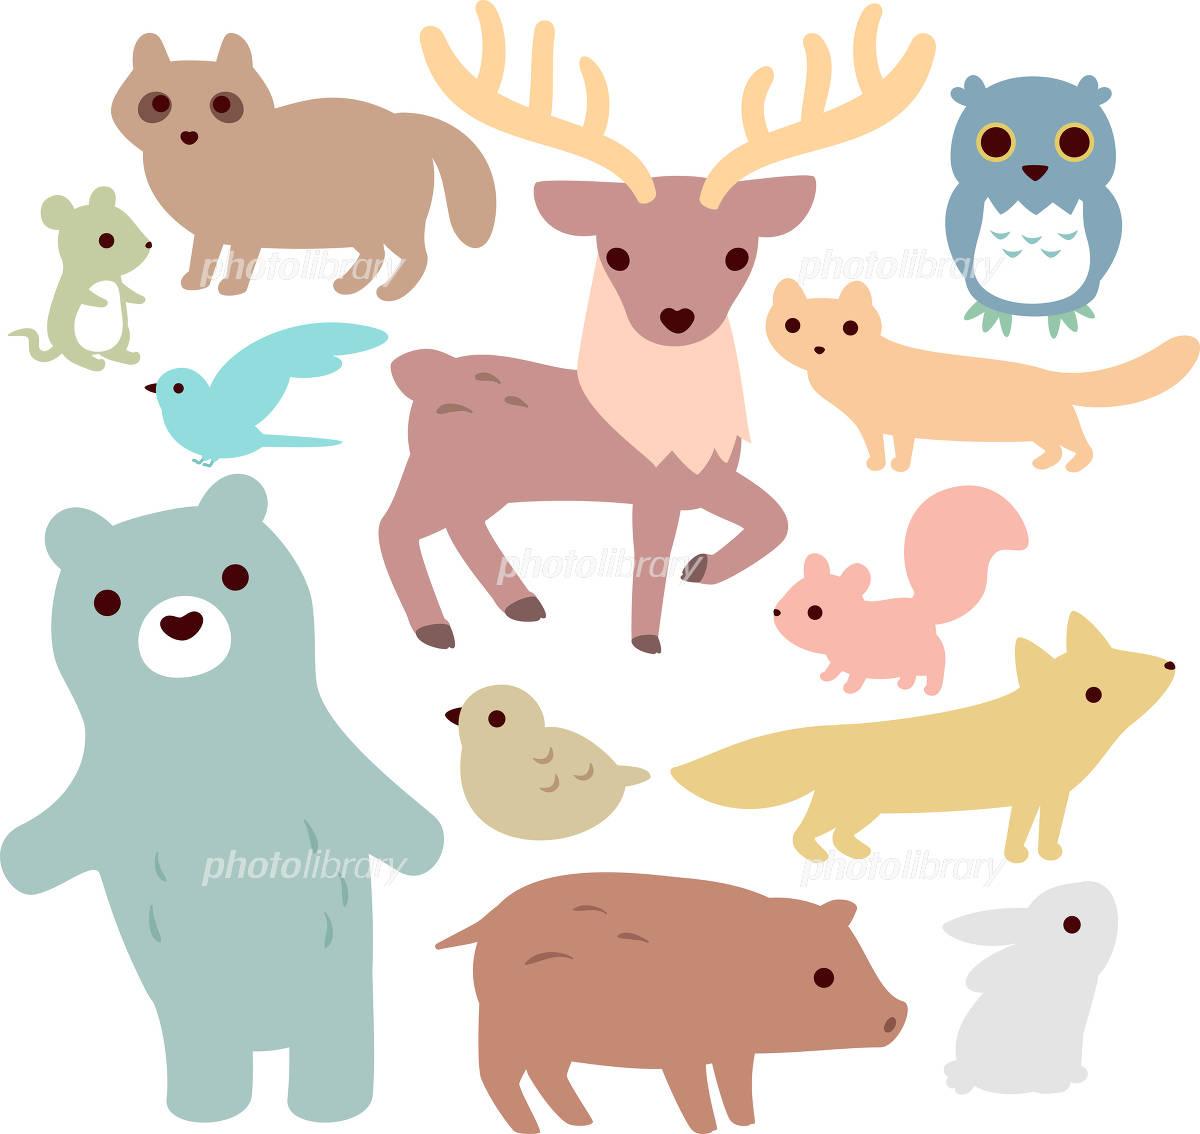 森の動物のイラストセット イラスト素材 4623187 フォトライブ